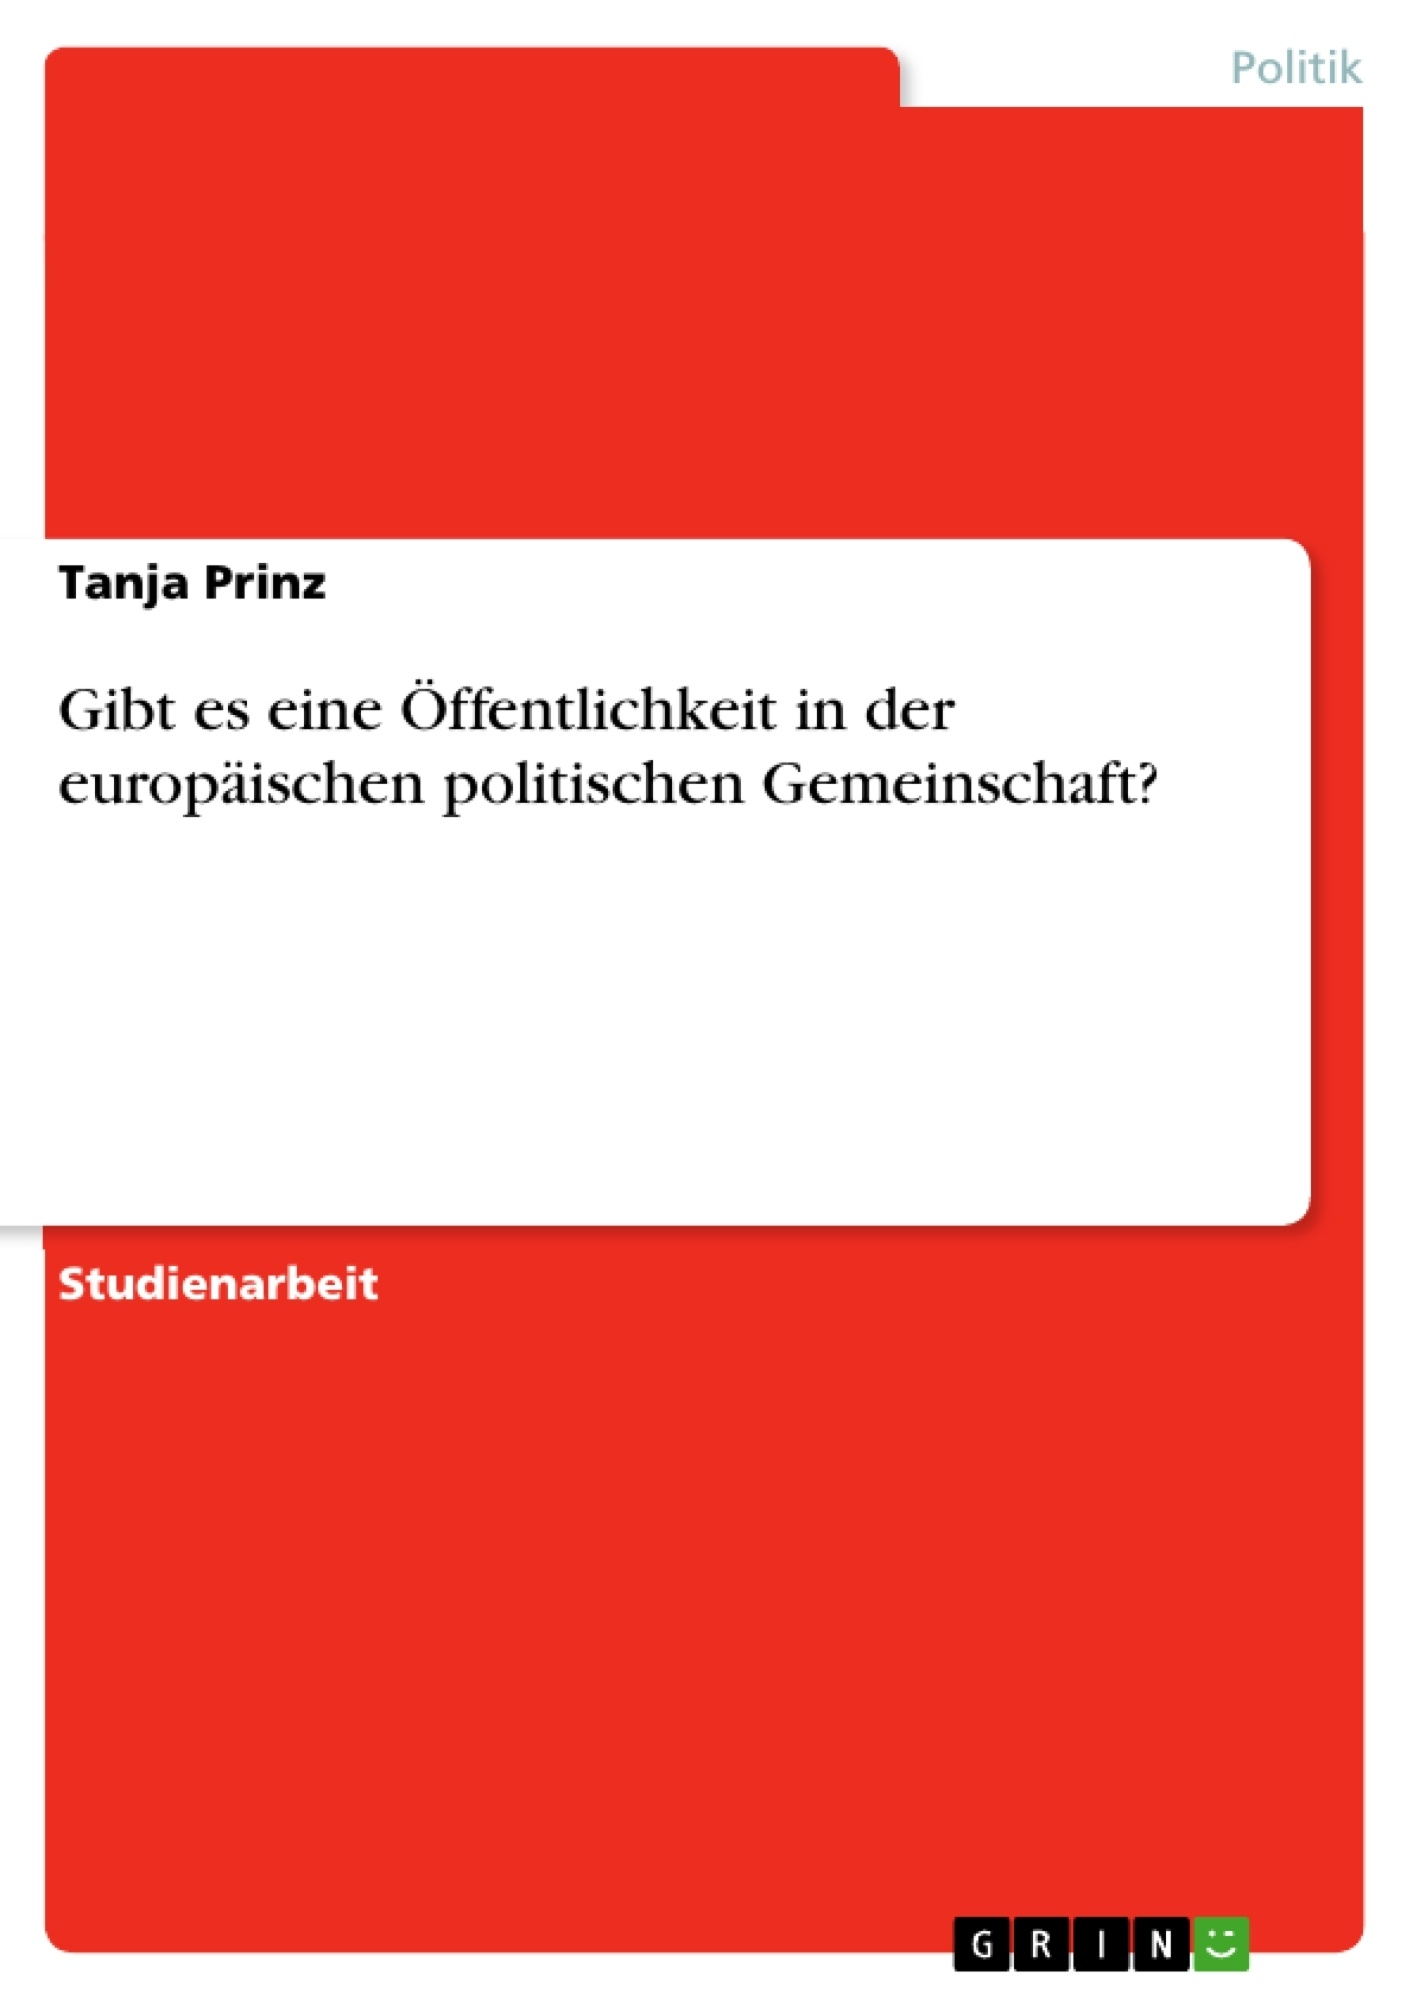 Titel: Gibt es eine Öffentlichkeit in der europäischen politischen Gemeinschaft?